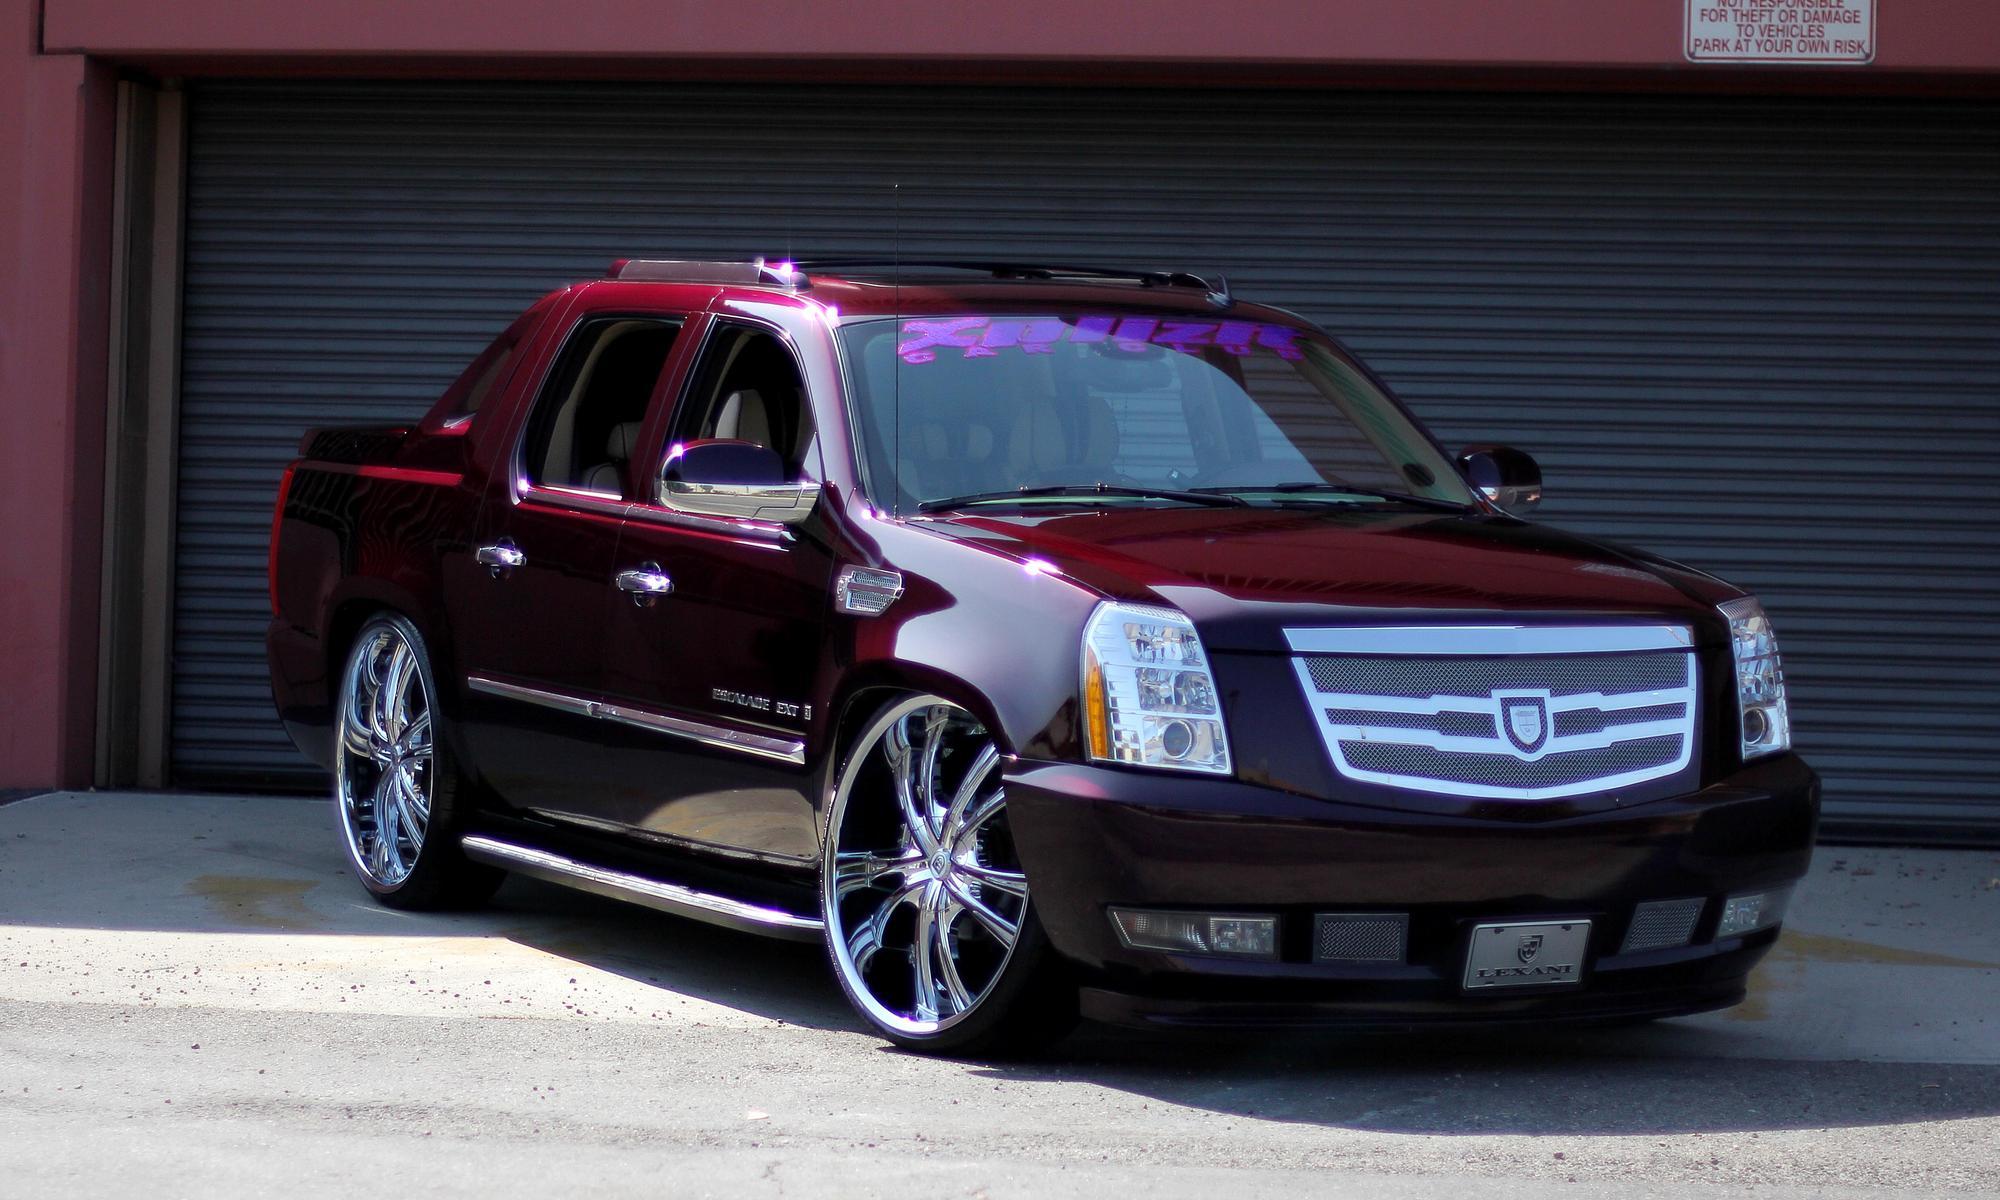 Custom Red Cadillac Escalade Wallpaper Autos Faxo